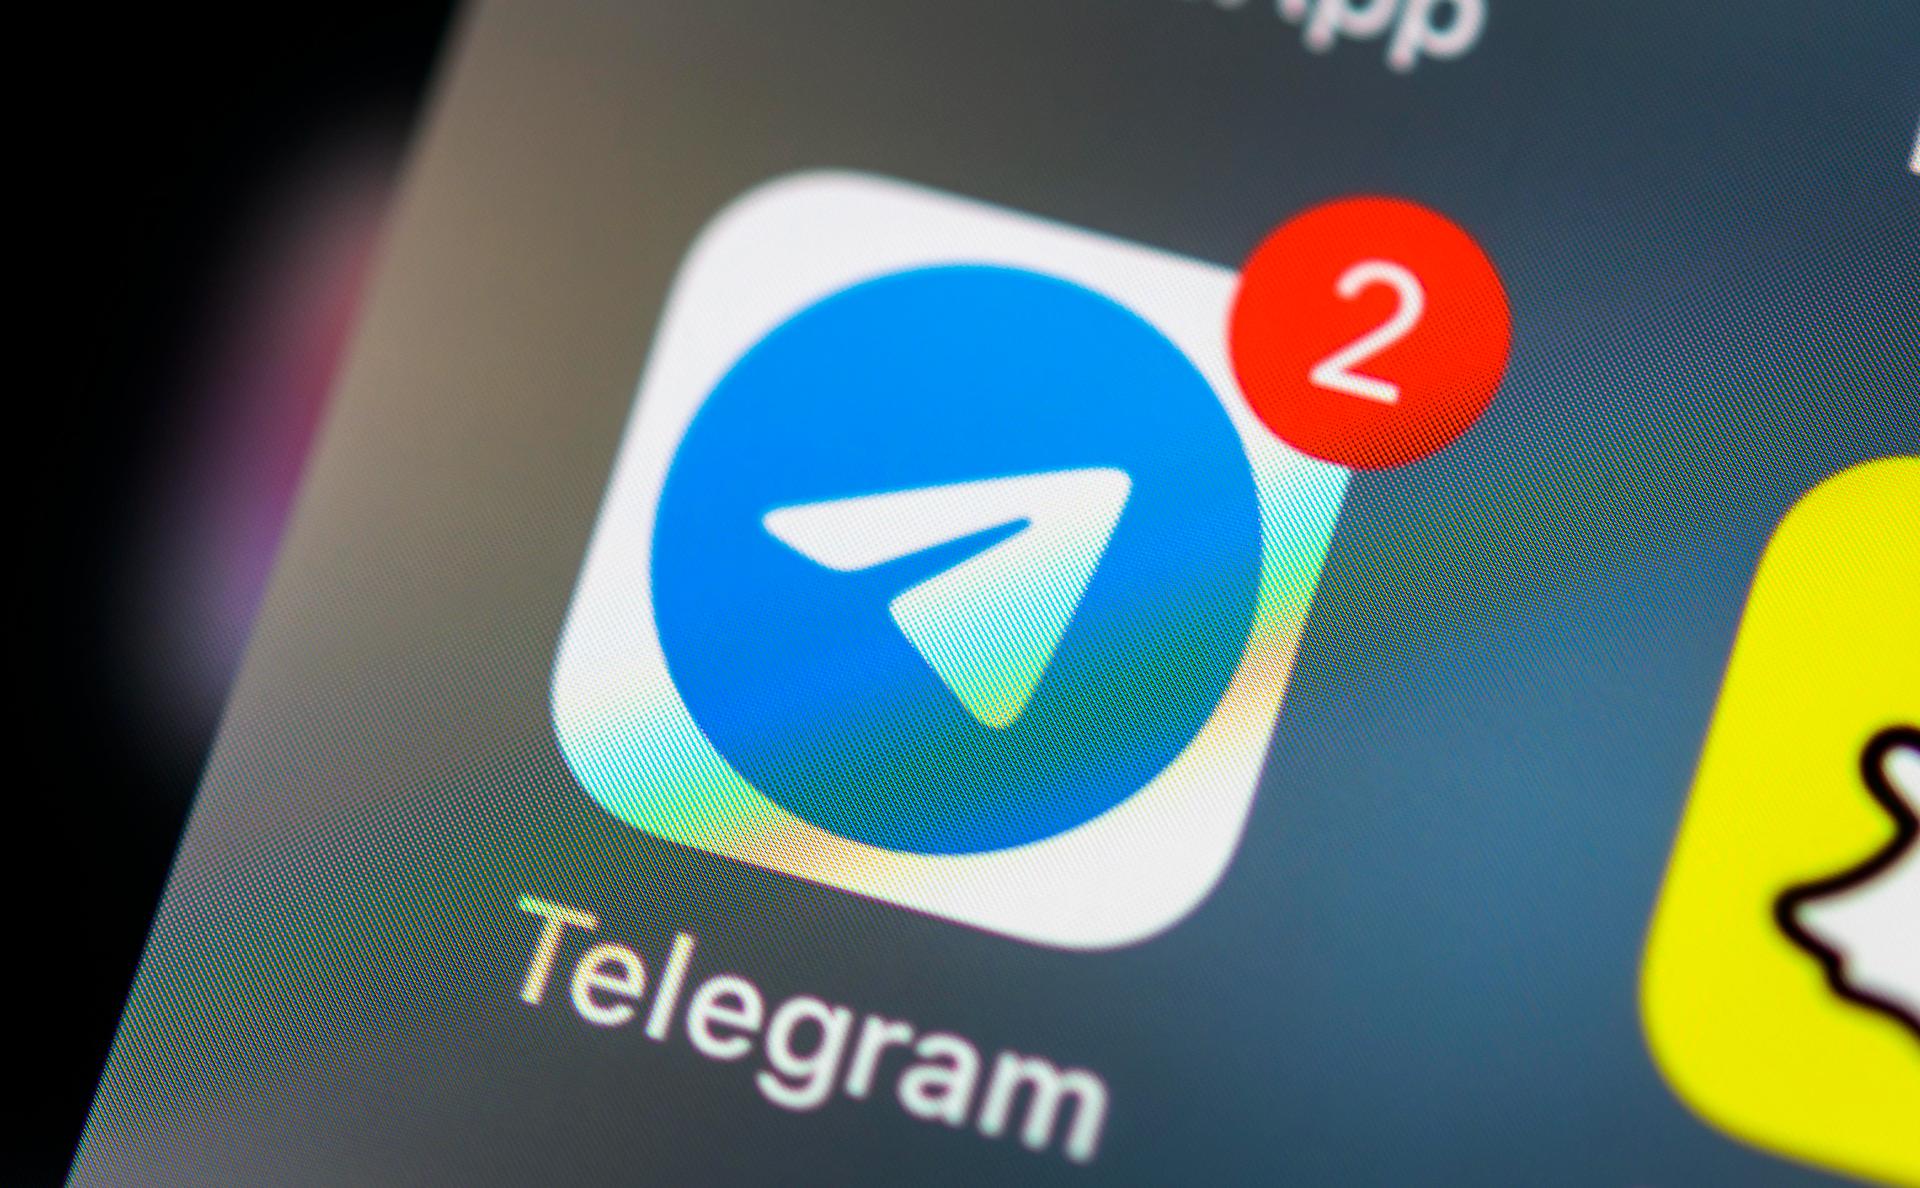 Дуров заявил о появлении фейков о Telegram после изменений в WhatsApp